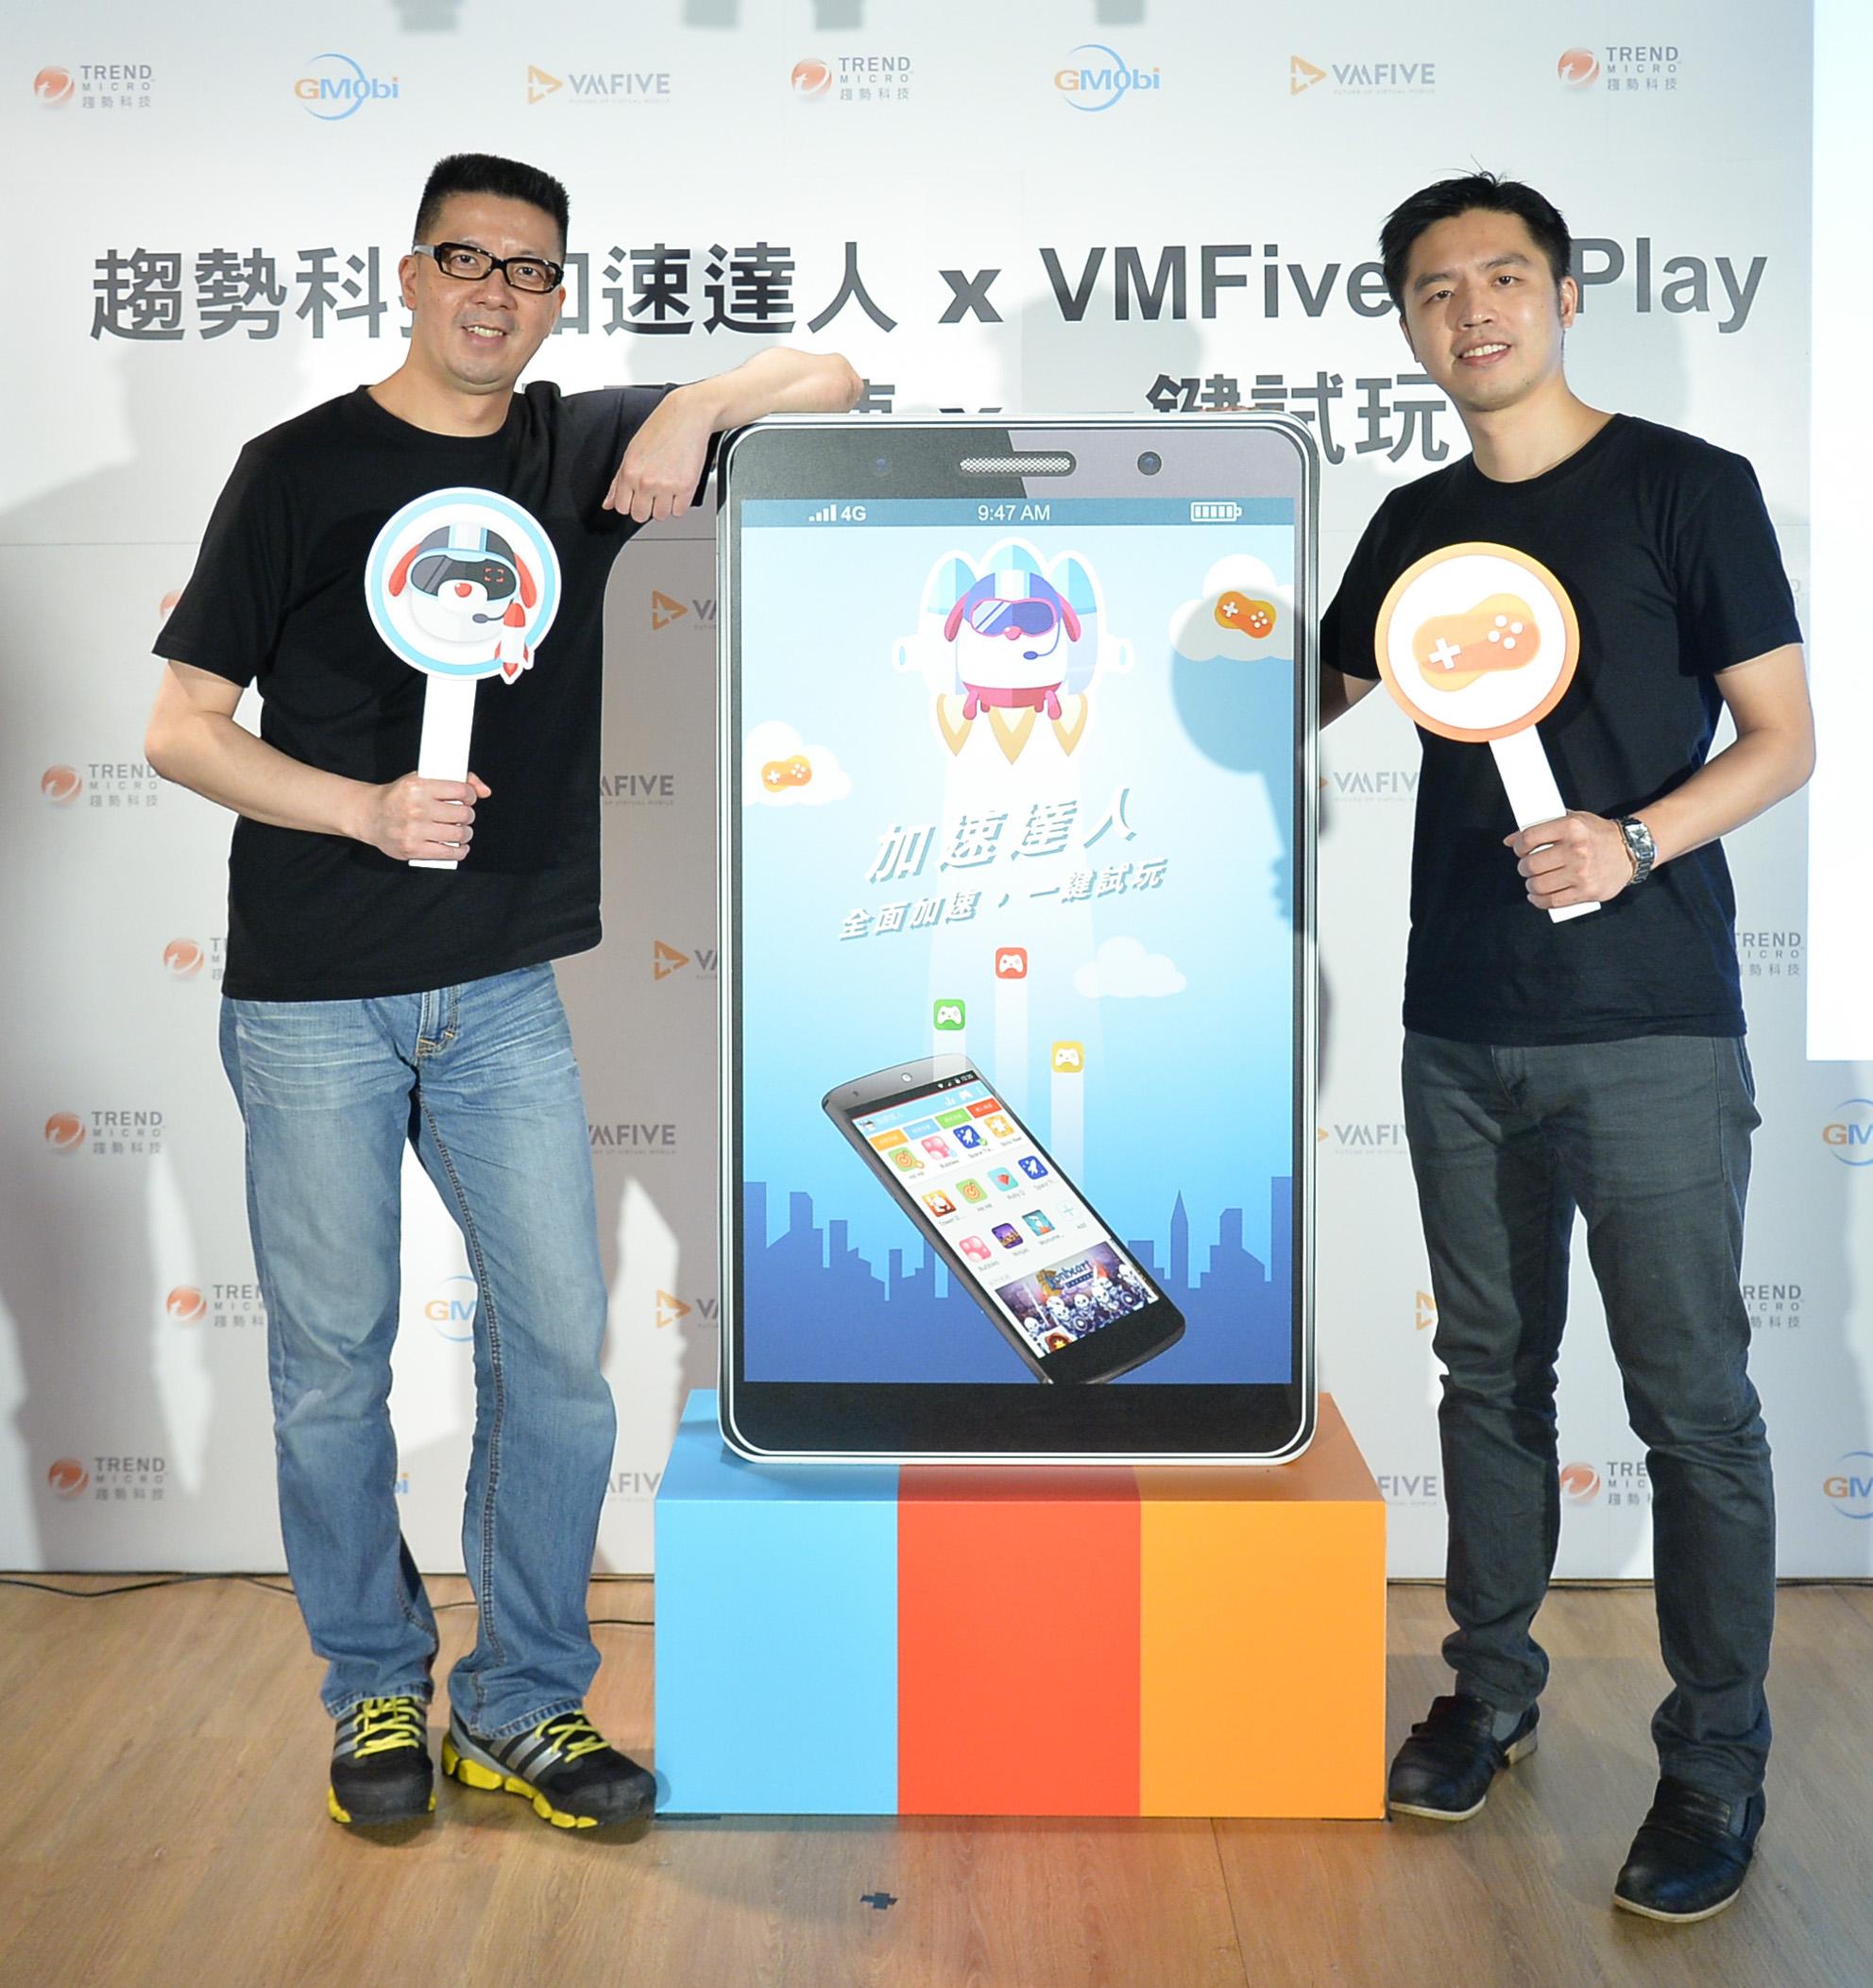 圖說: (左)趨勢科技全球行動事業部執行總監黃國豪與(右)VMFive執行長丁俊宏共同宣布進化版上市   圖說:攜手VMFive,加速達人App強打手遊免下載先試玩!今年第二季搶攻日本手遊市場